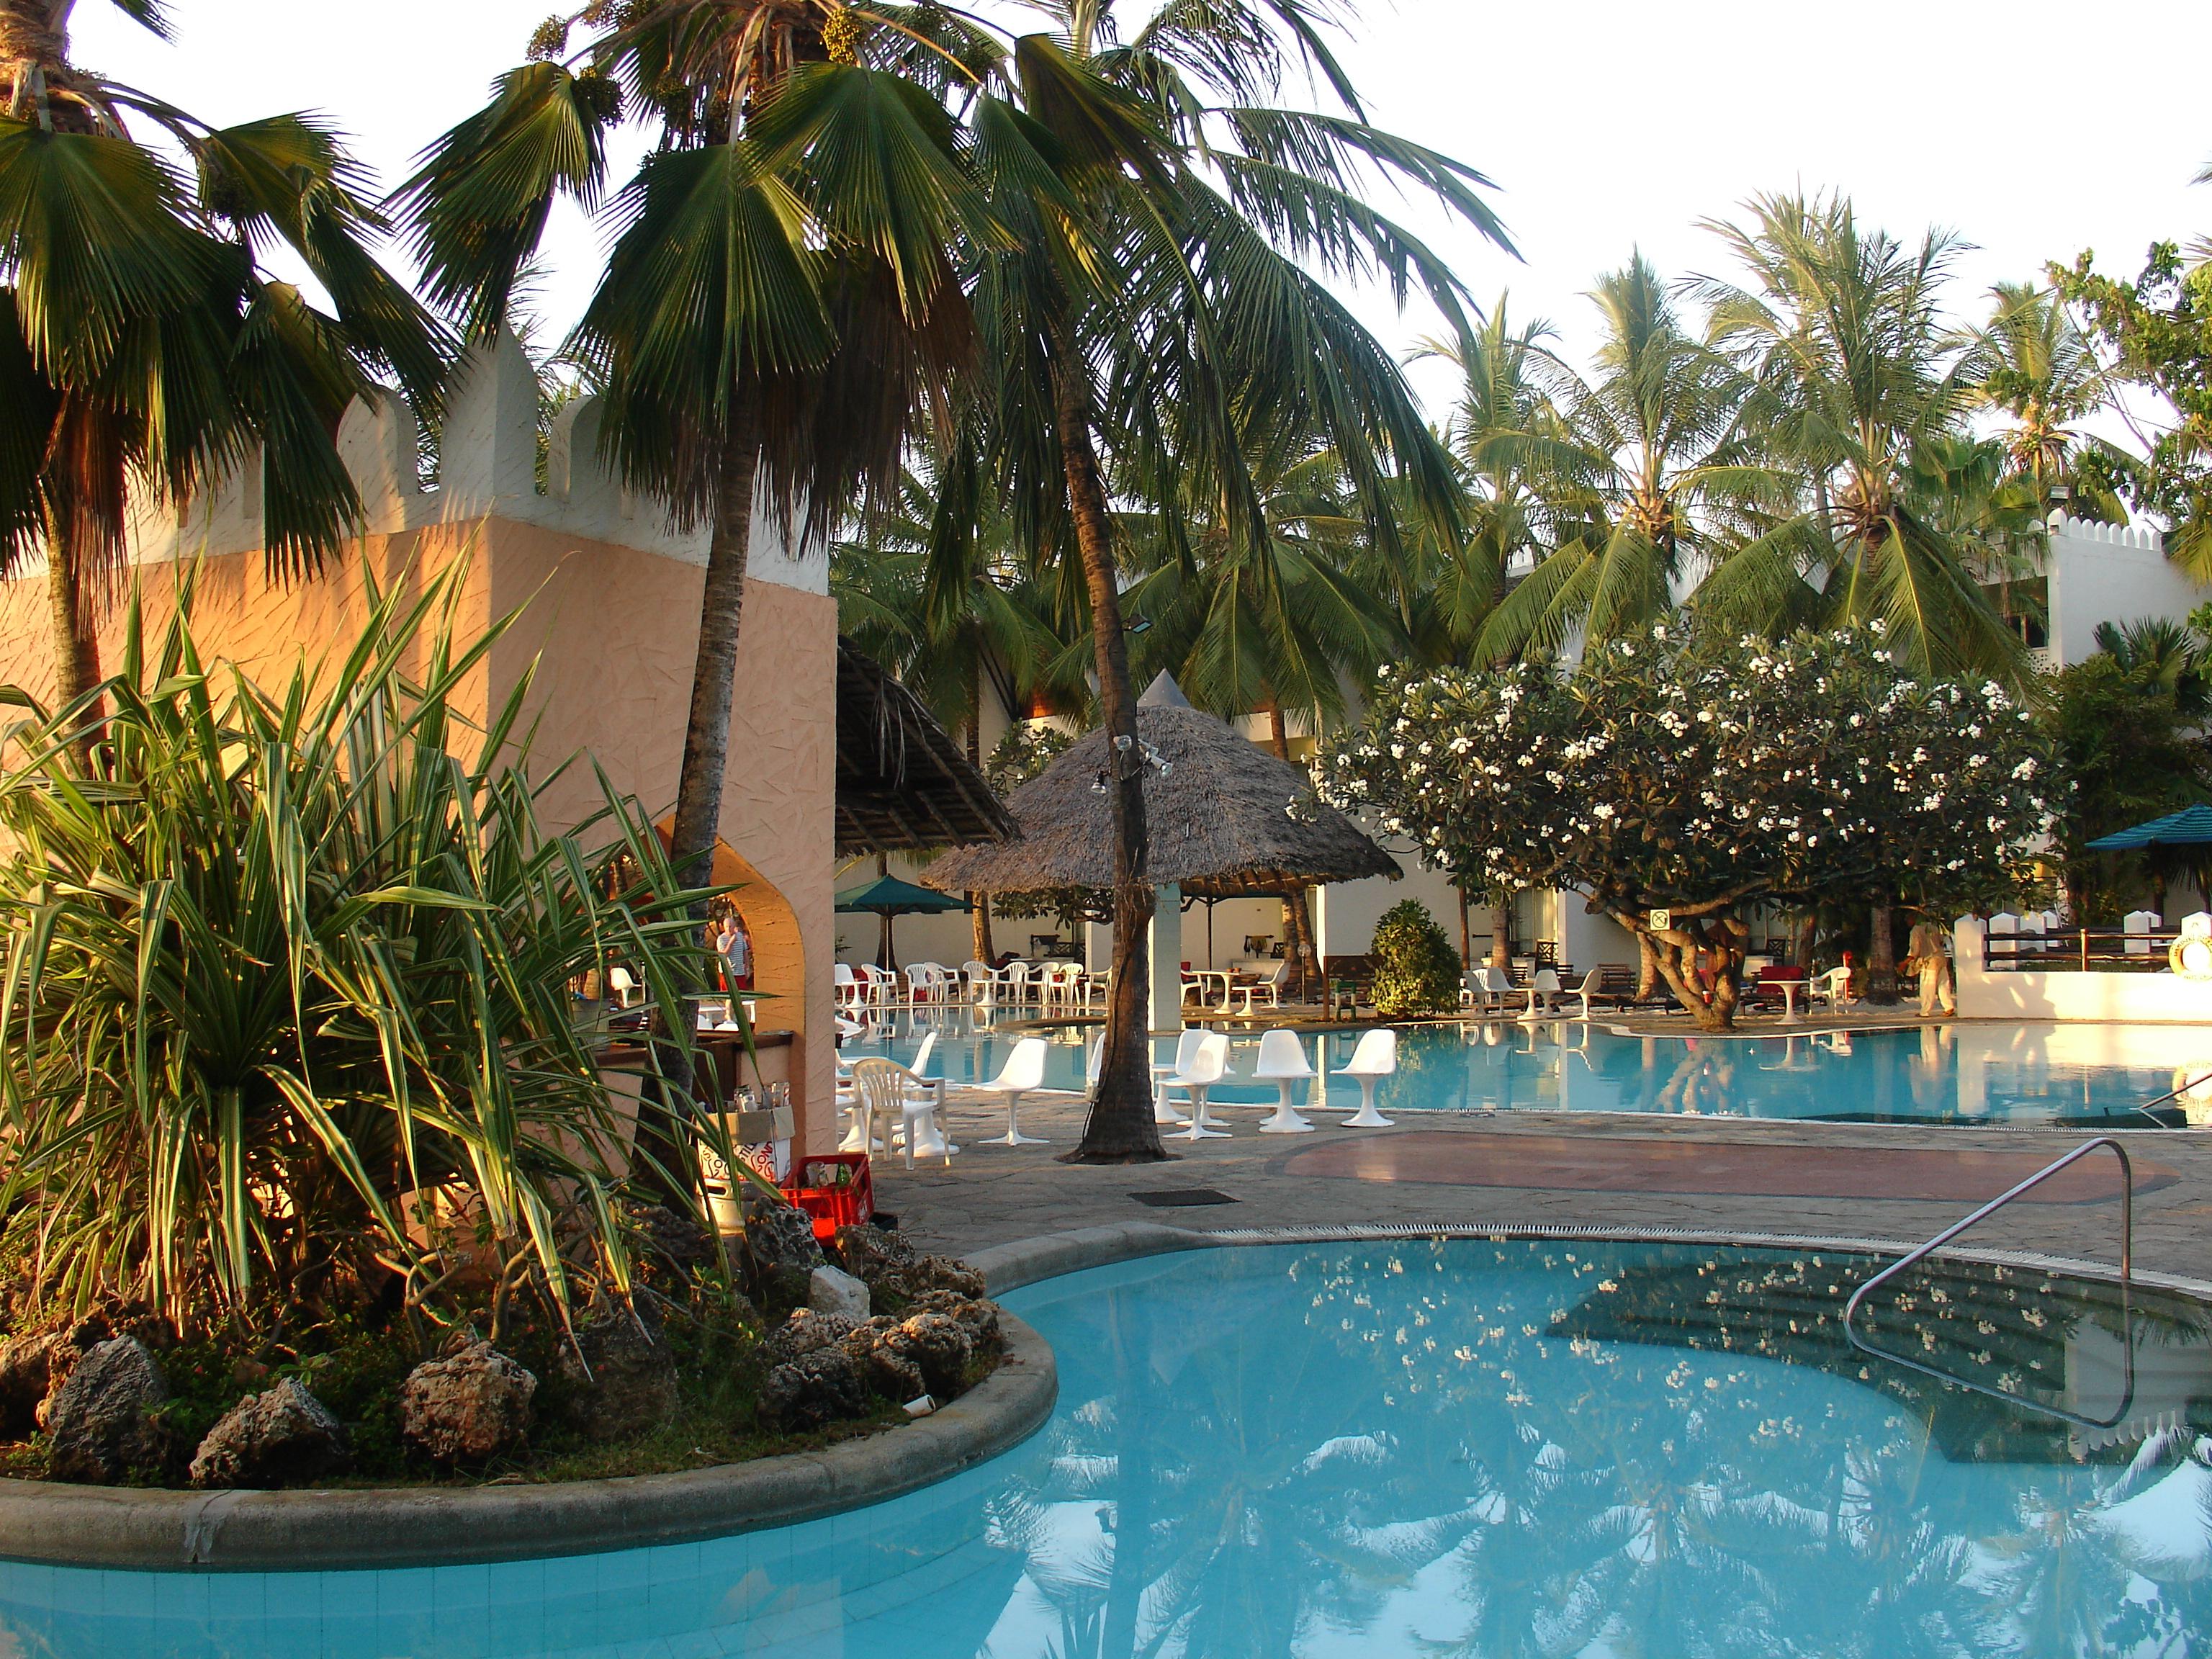 Bammburi Beach Hotel